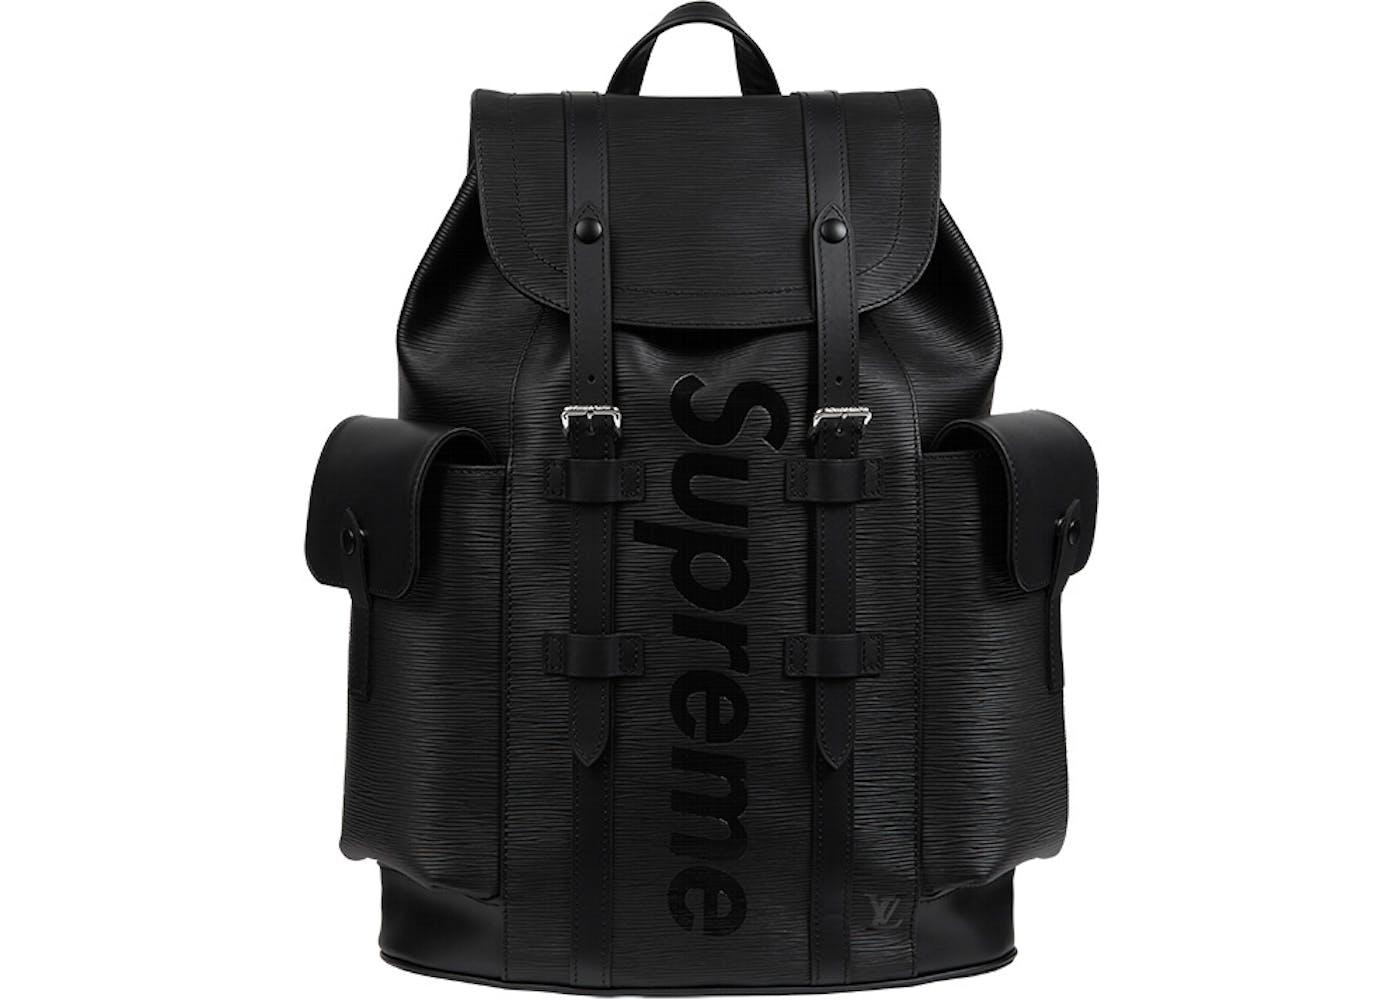 louis vuitton x supreme christopher backpack epi pm black. Black Bedroom Furniture Sets. Home Design Ideas